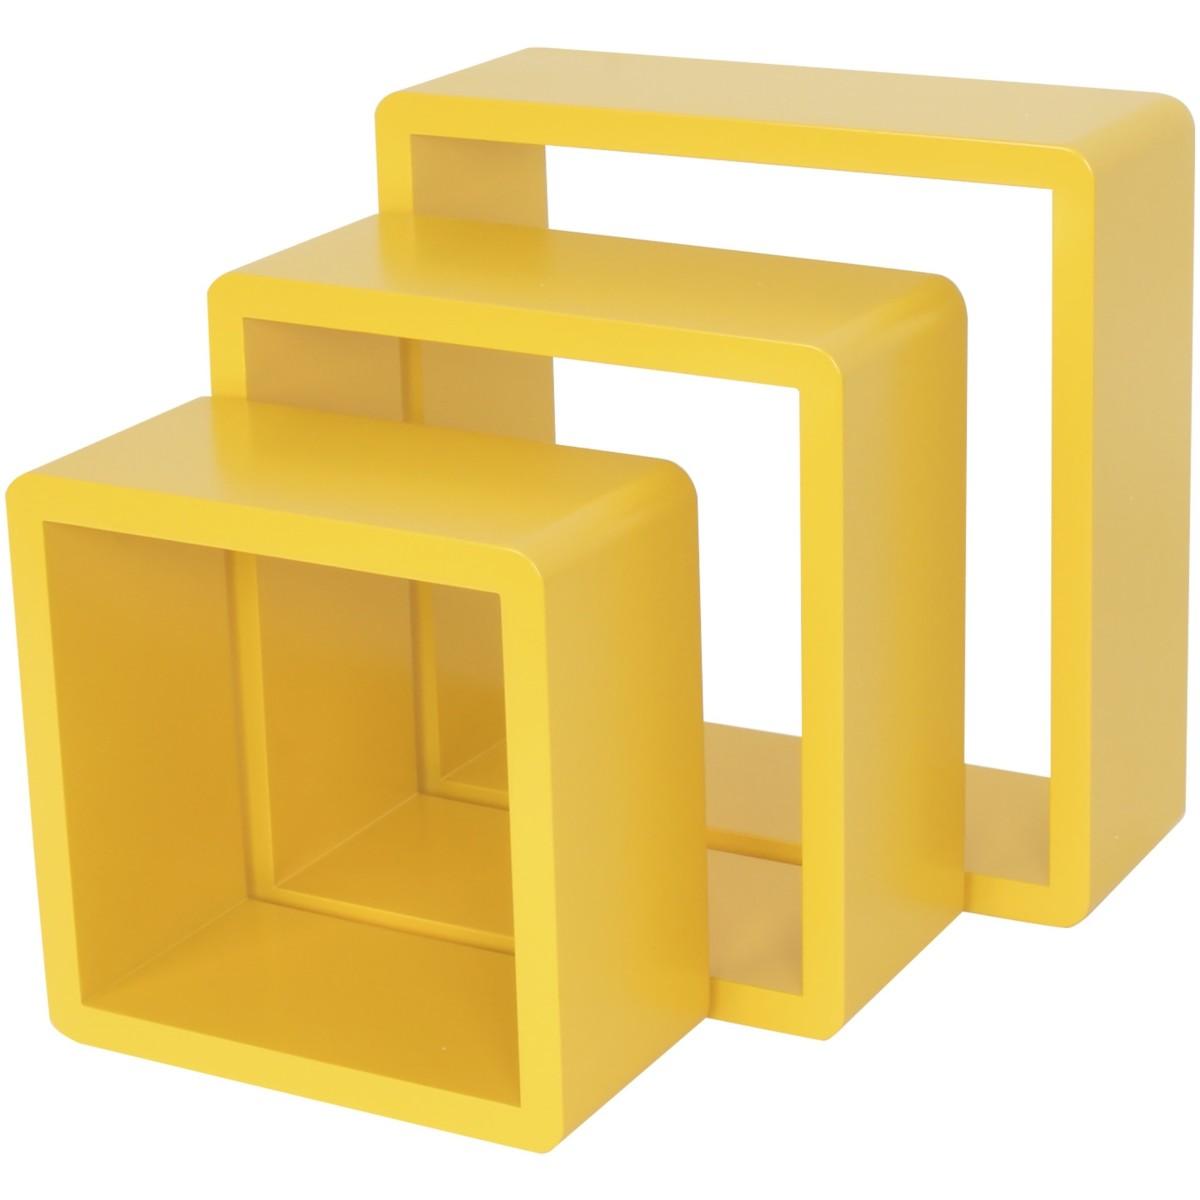 Полка кубическая 20х10 см/24х10 см/28х10 см цвет жёлтый 3 шт.